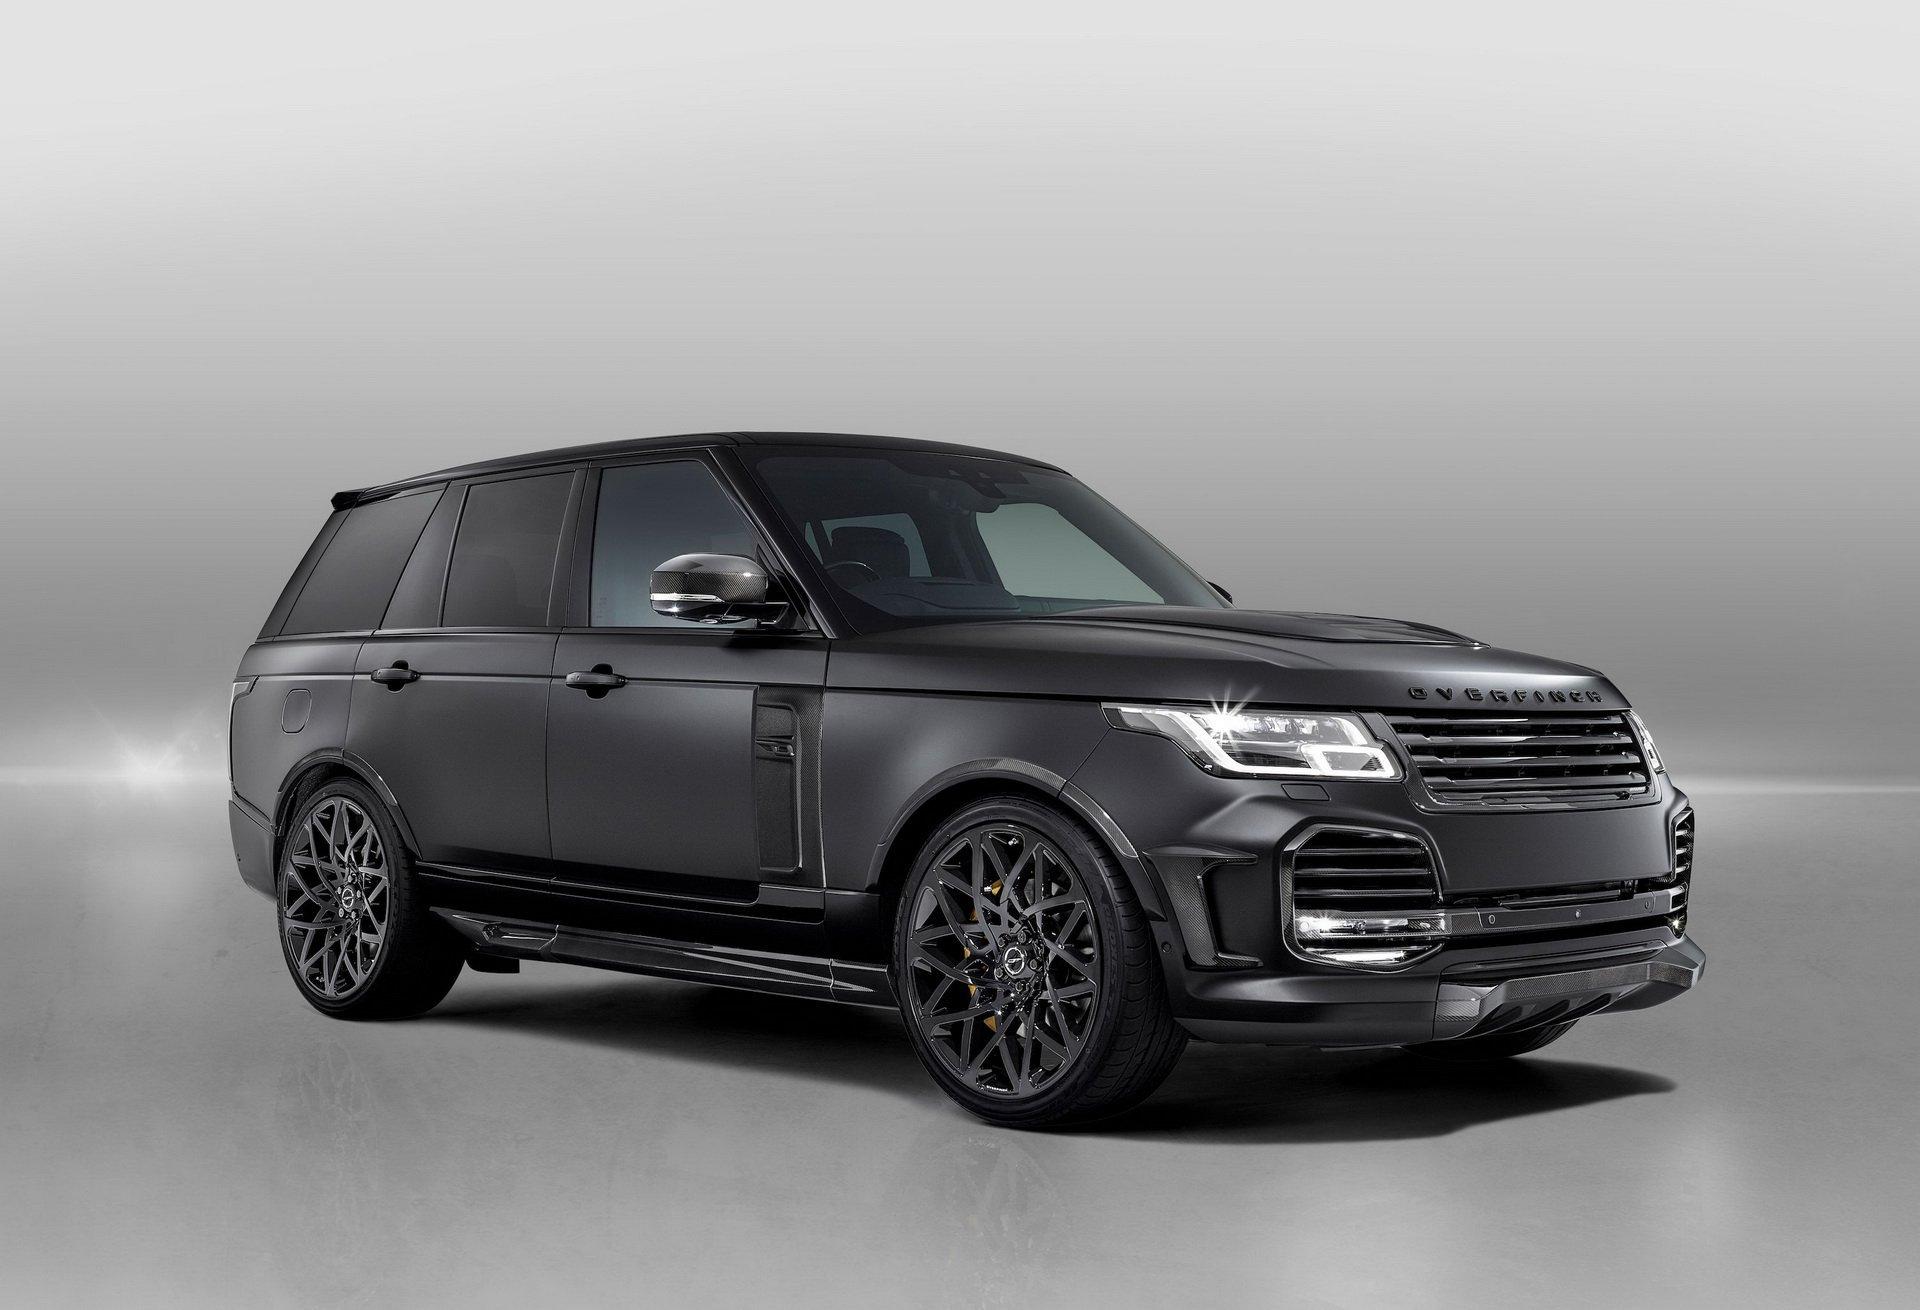 基于路虎揽胜Range Rover 5.0 Superch黑化改装限量